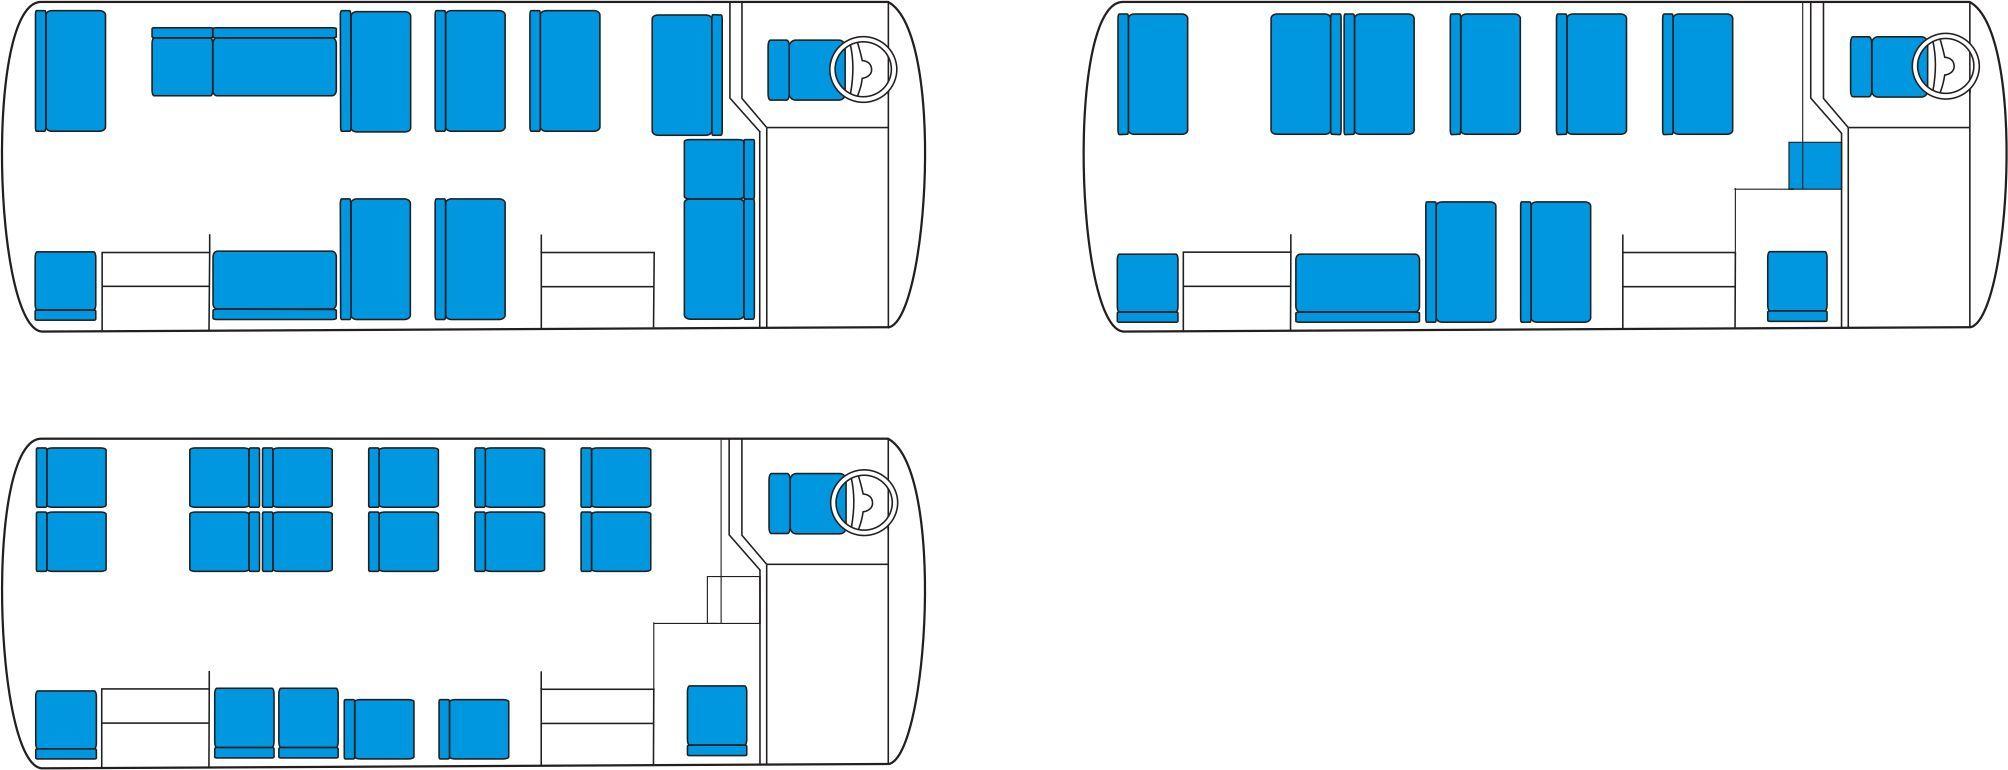 Схема мест школьная газель 11 мест